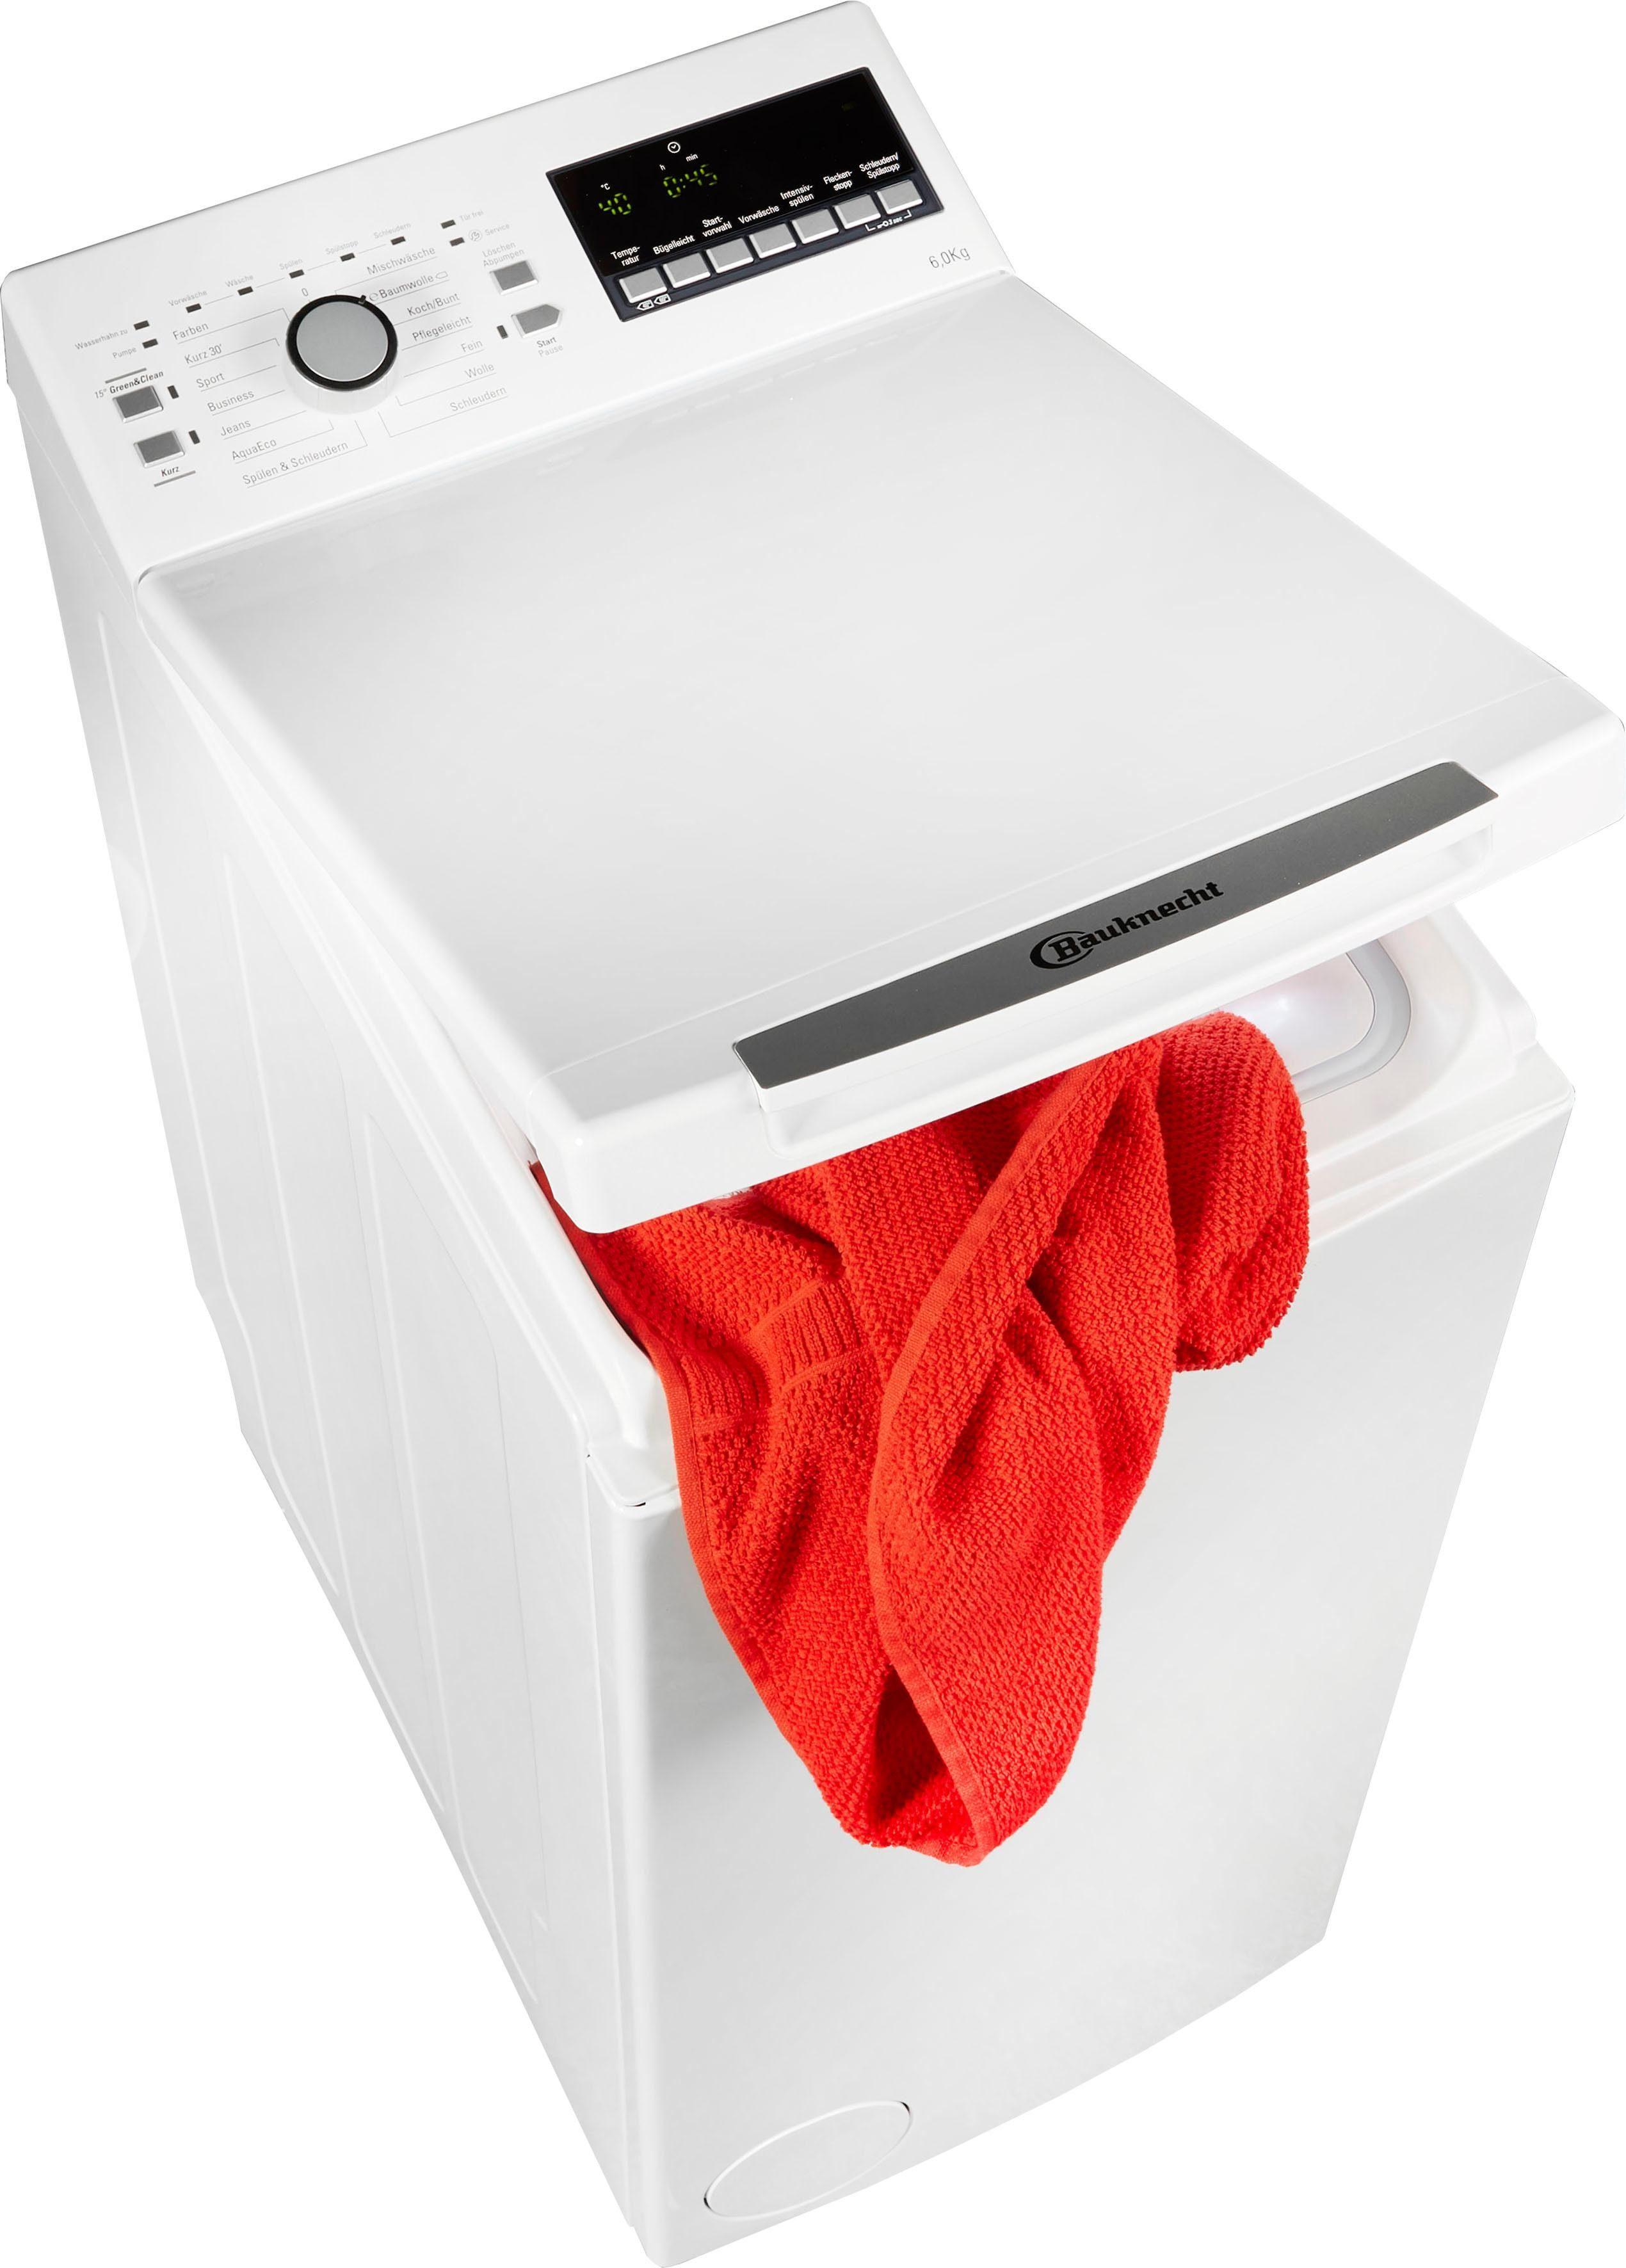 BAUKNECHT Waschmaschine Toplader WAT 6312 | Bad > Waschmaschinen und Trockner > Toplader | Bauknecht